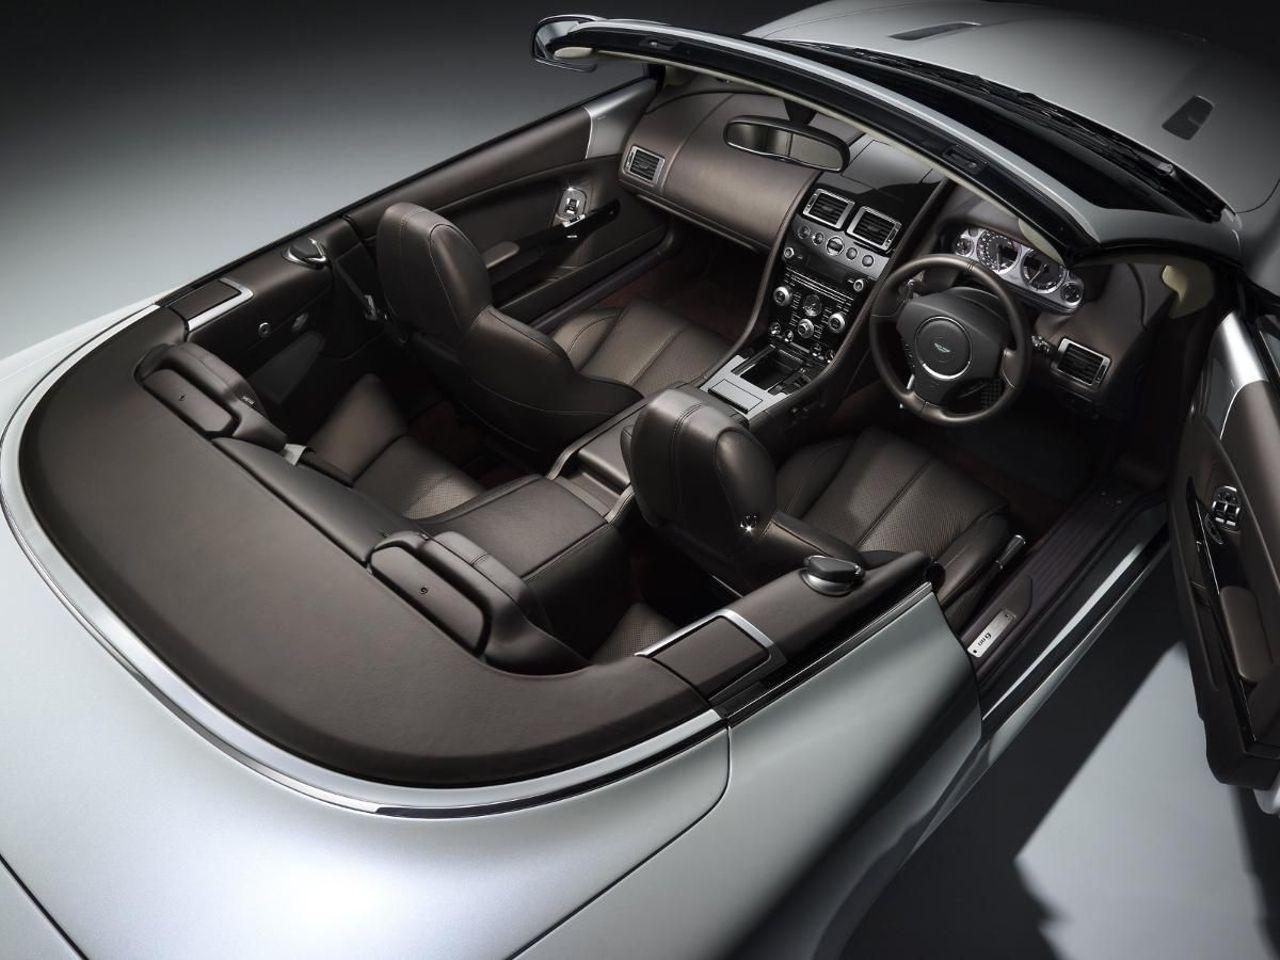 Aston Martin DB9 Volante convertible